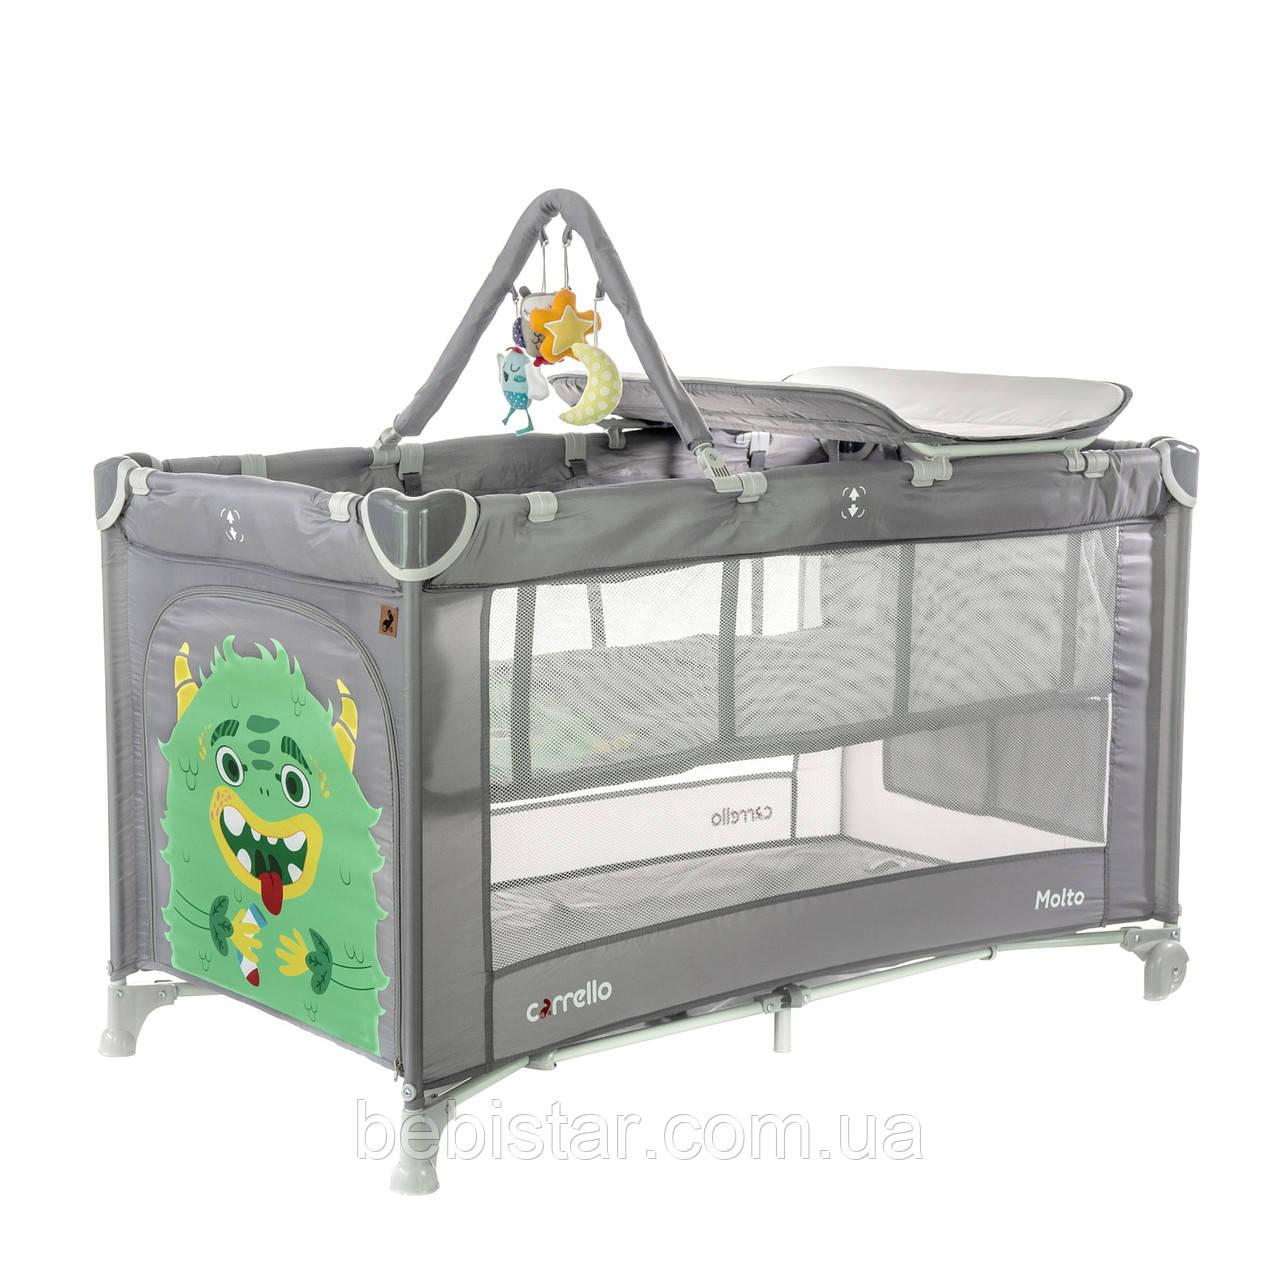 Дитячий манеж-ліжко сірий з колискою і пеленальним столиком CARRELLO Molto CRL-11604 Ash Grey